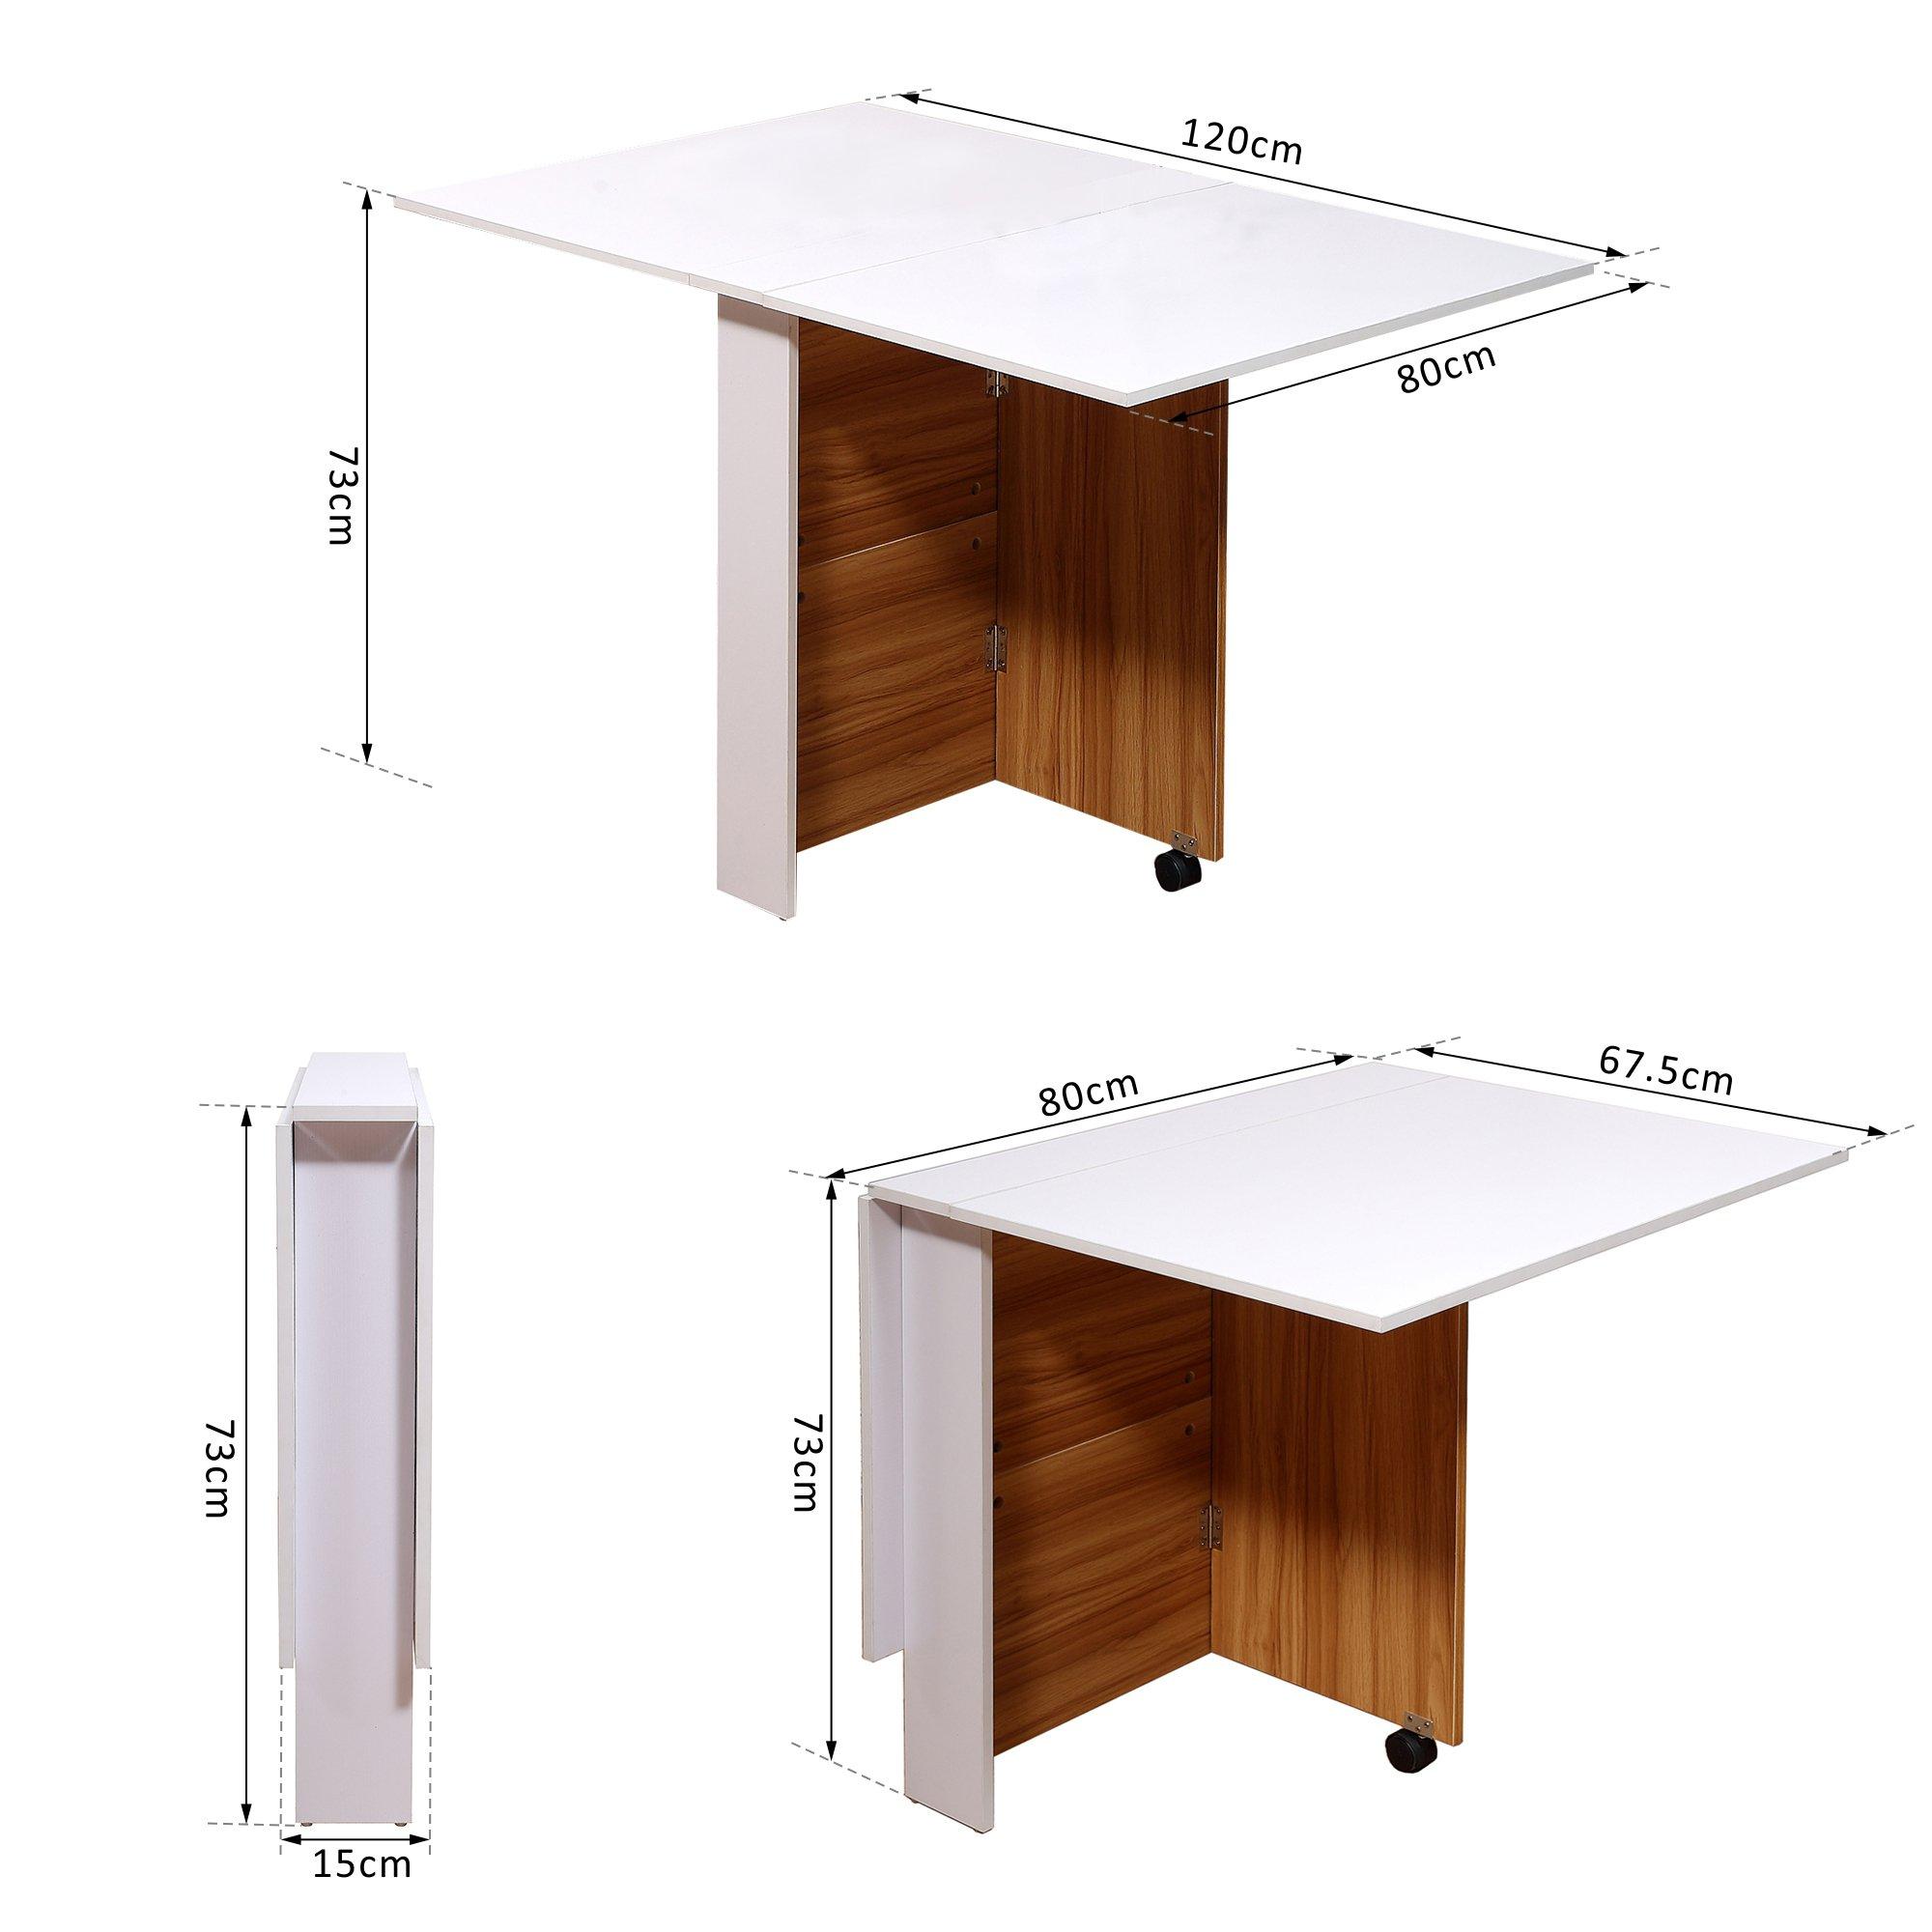 Mesa Comedor Plegable con Ruedas Estante Multifuncional Salón 3 Formas